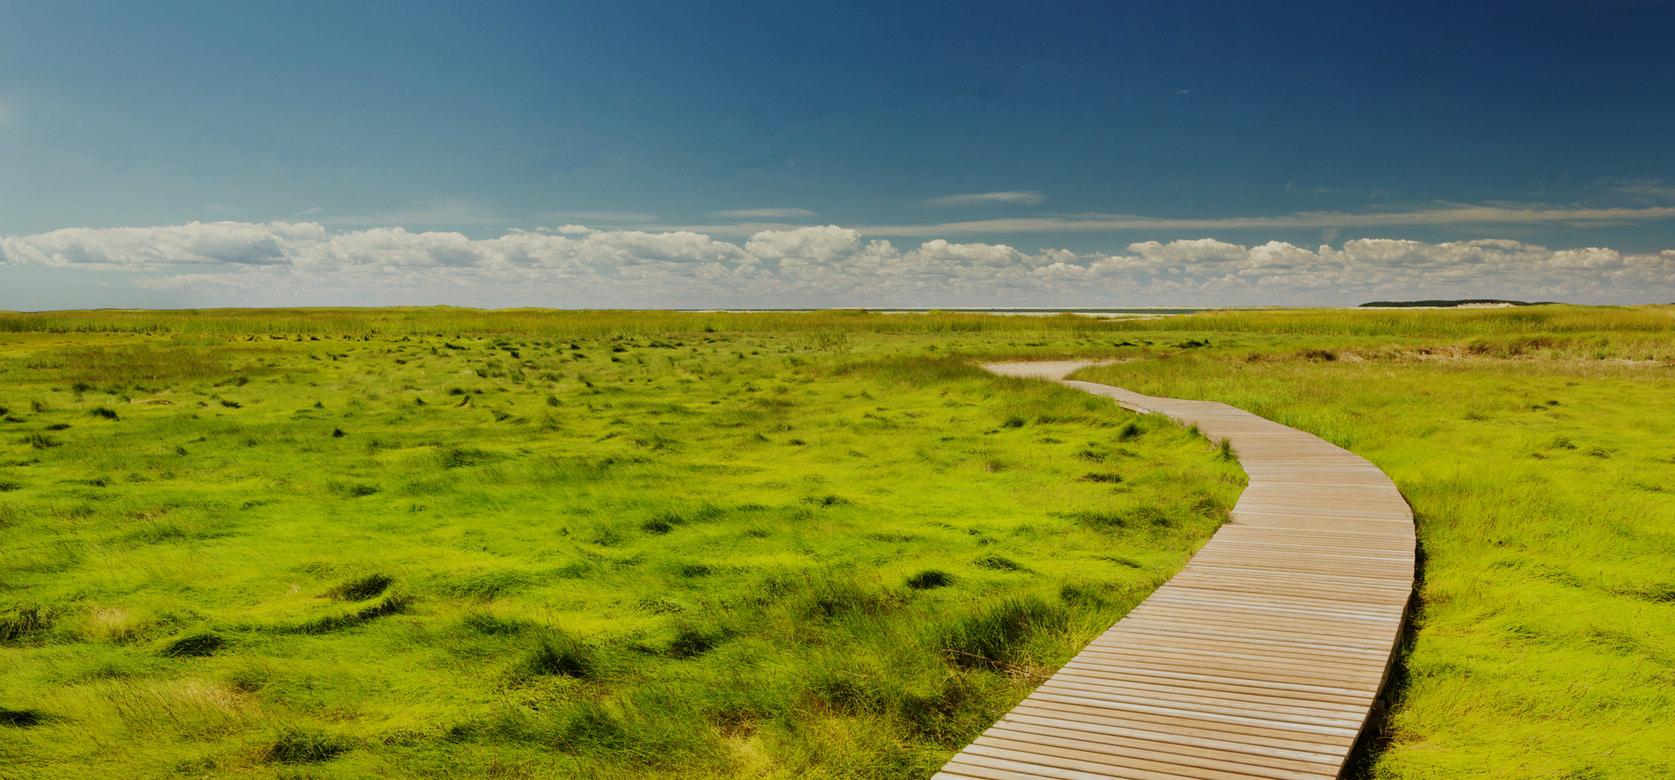 sentiero in legno in mezzo alla natura utile per passeggiare durante un percorso di terapia di coppia